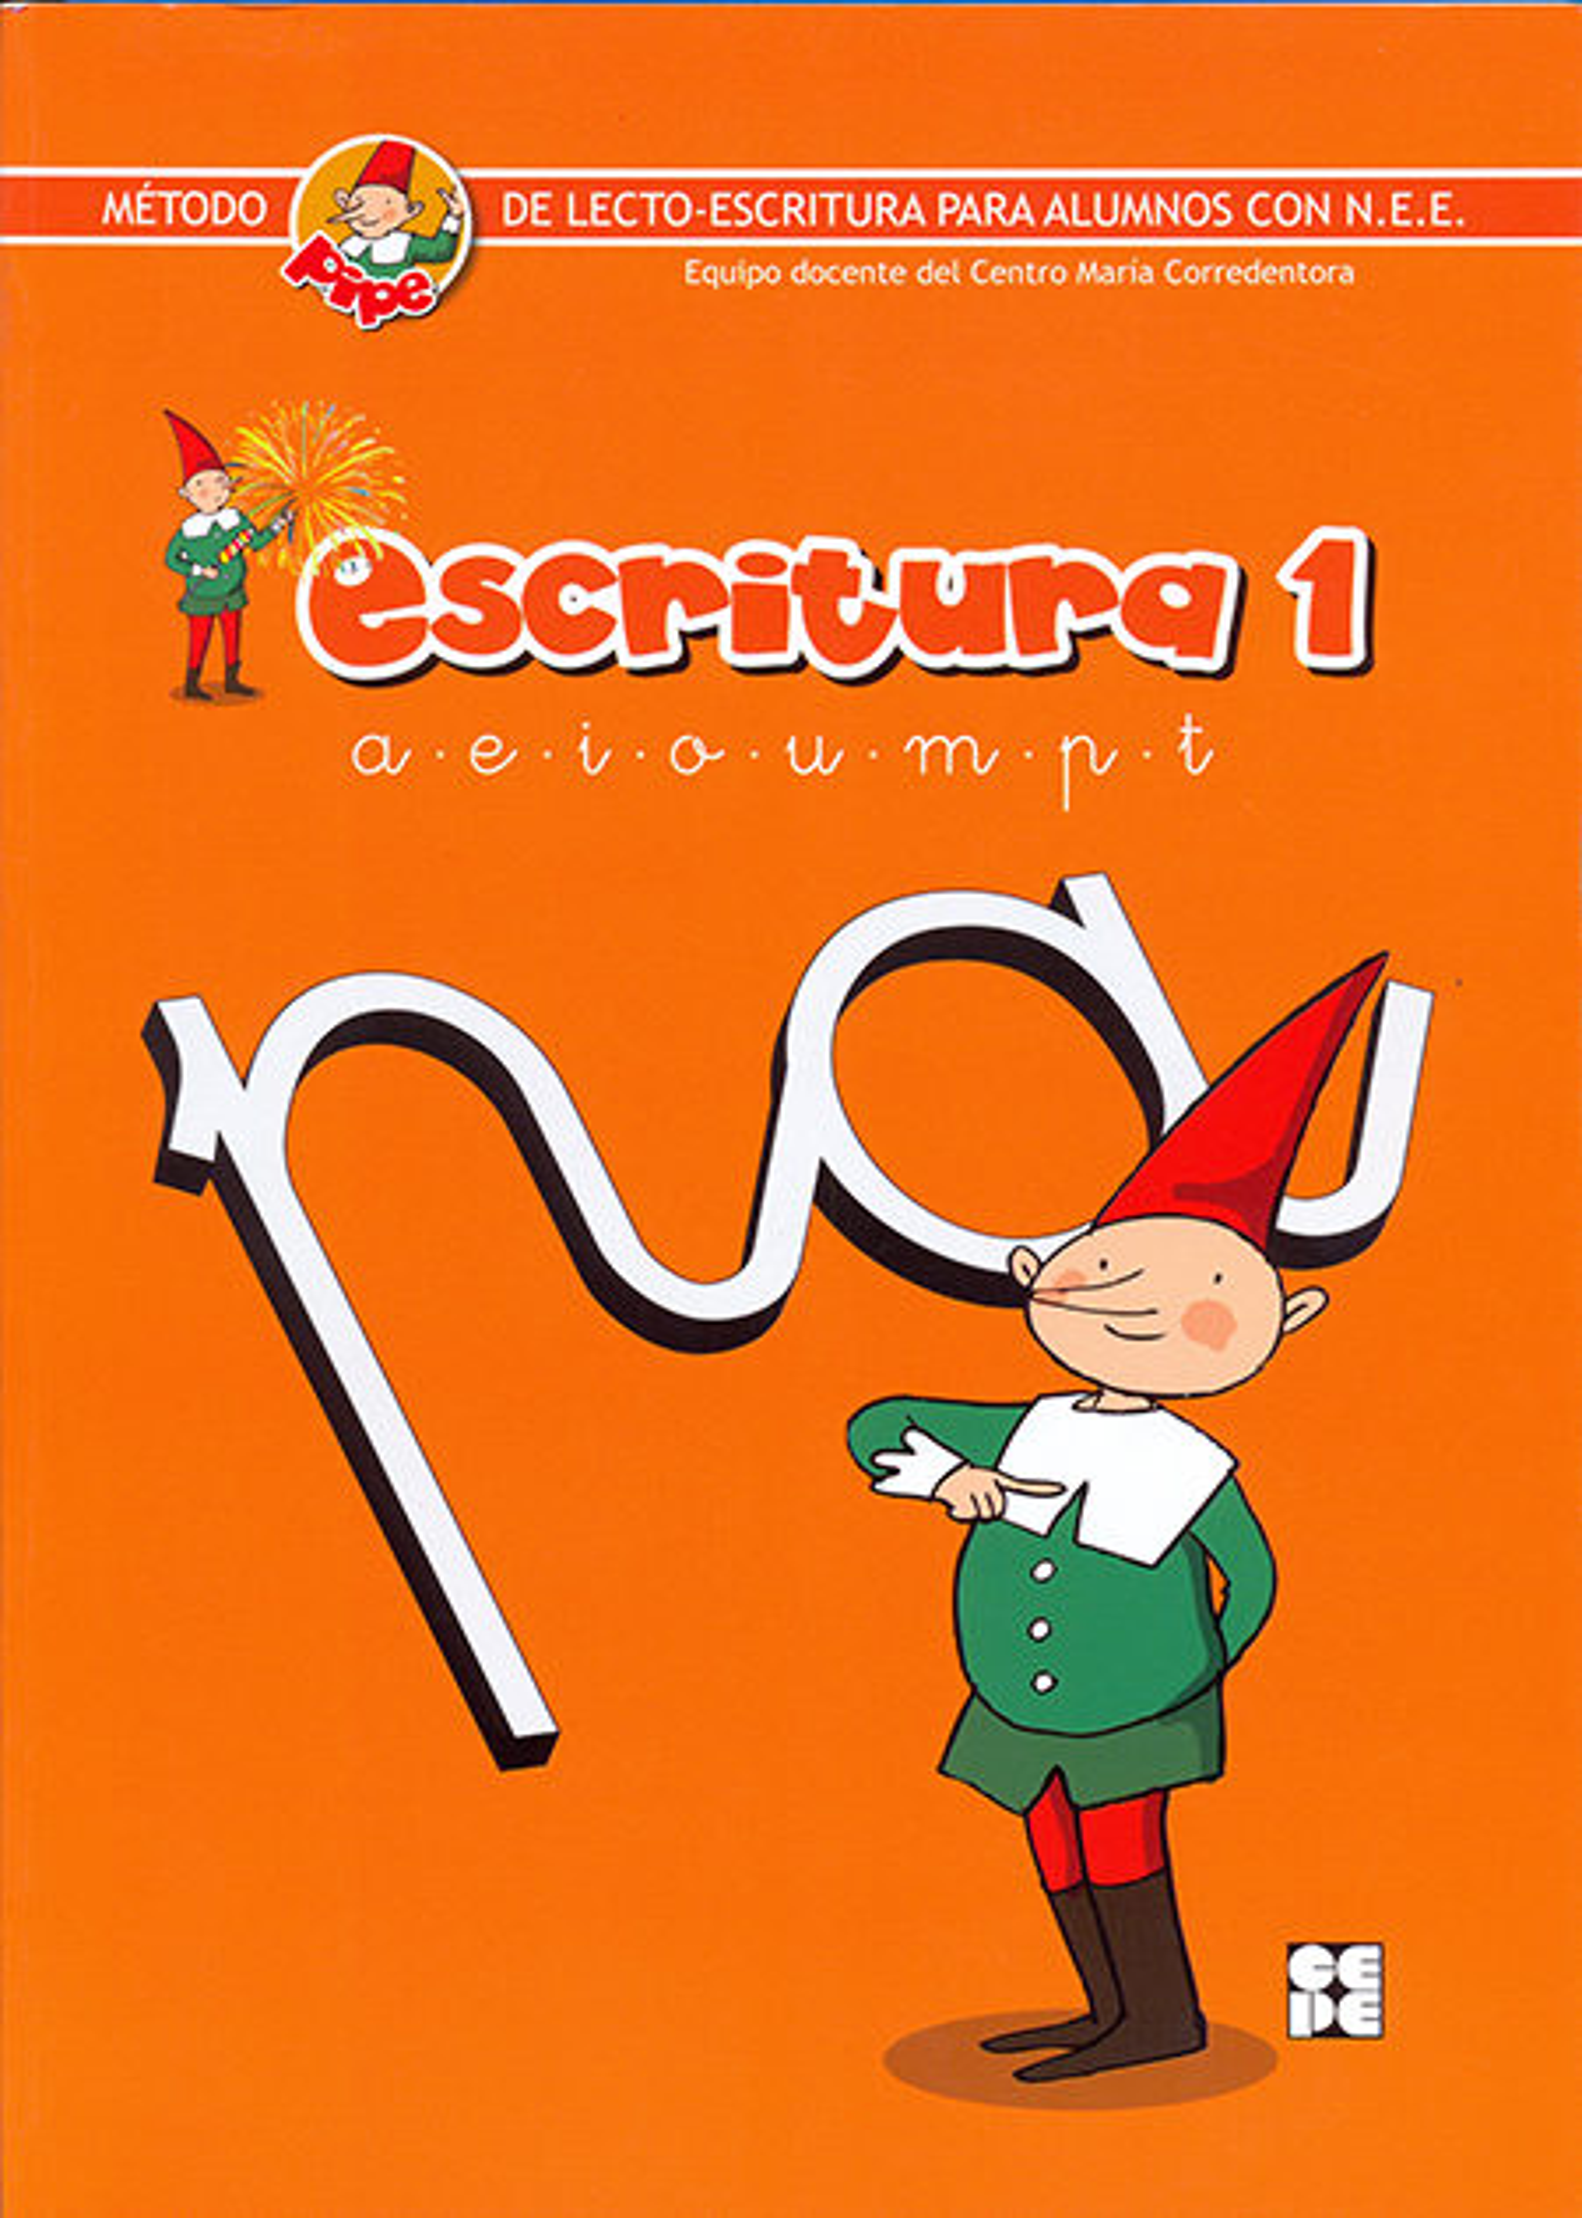 escritura pipe 1. metodo de lecto-escritura para alumnos con n.e. e.-9788478699414